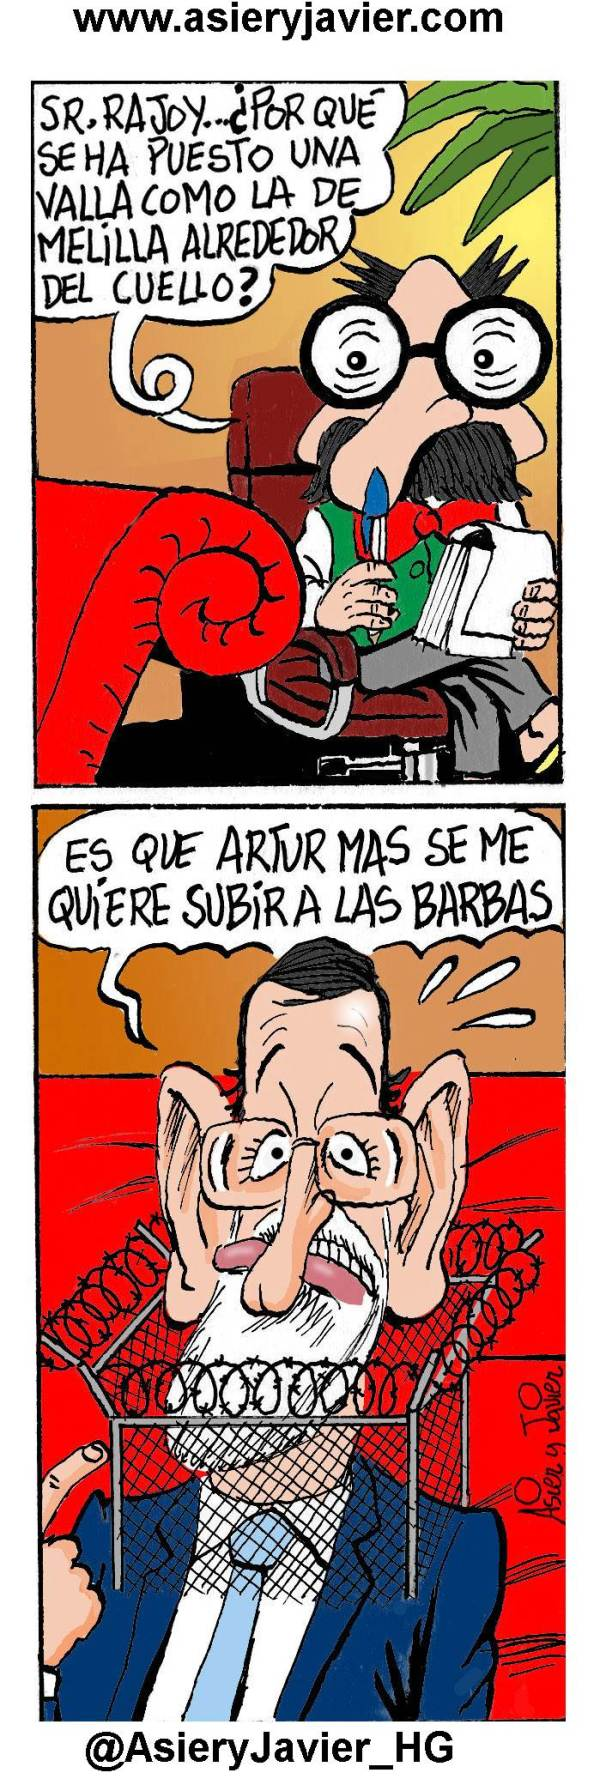 Rajoy encuentra nuevos usos para vallas como la de Melilla